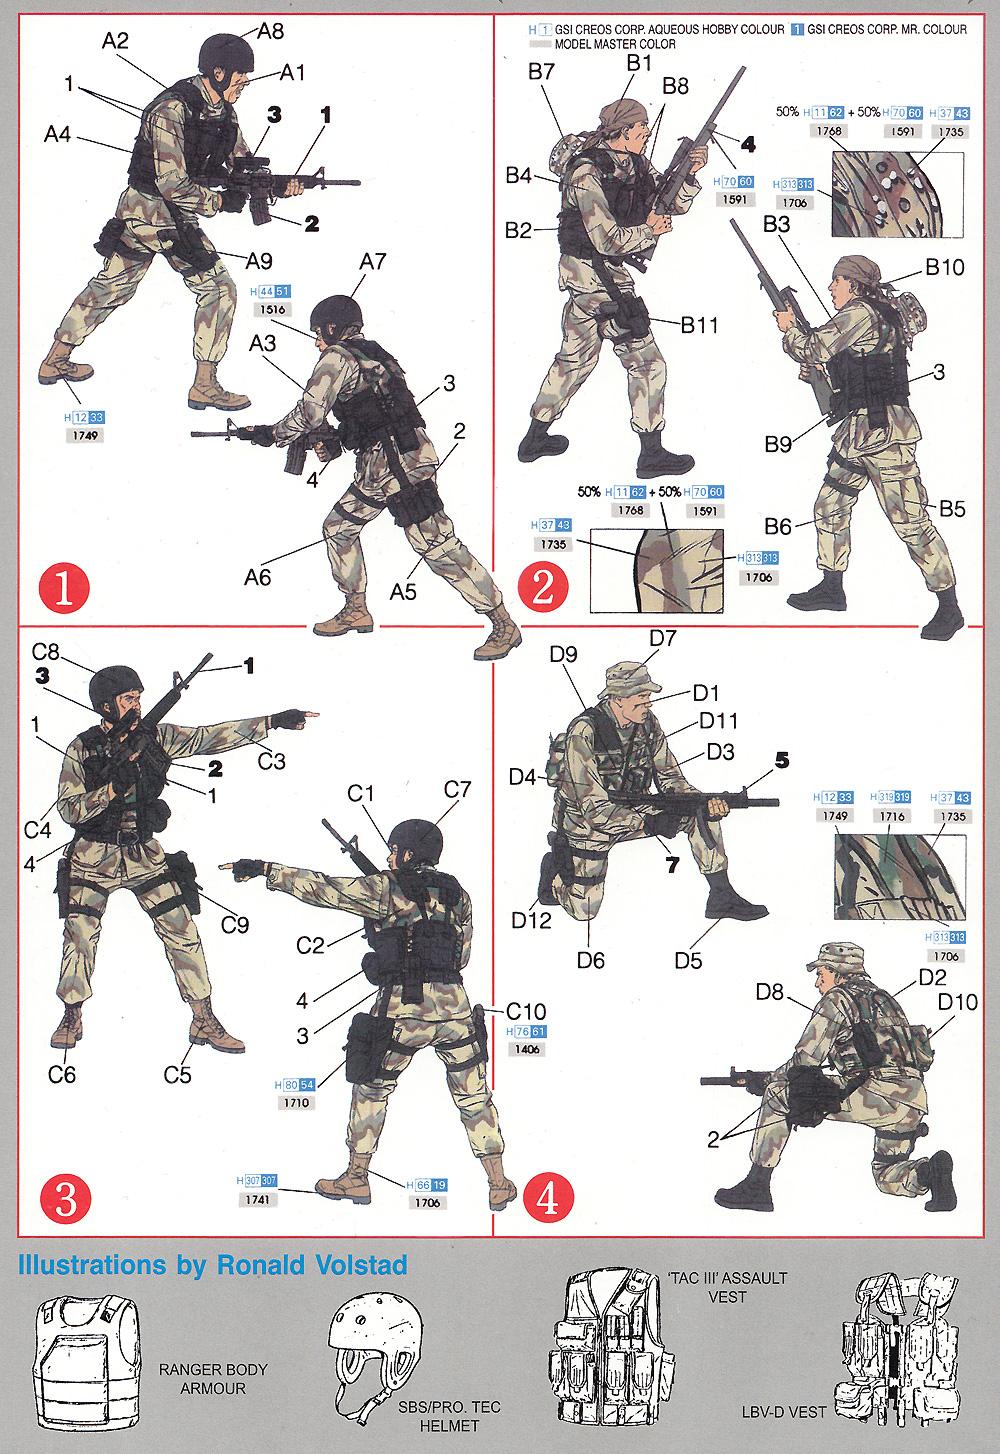 デルタフォース アメリカ陸軍特殊部隊 ソマリア 1993プラモデル(ドラゴン1/35 World's Elite Force SeriesNo.3022)商品画像_1